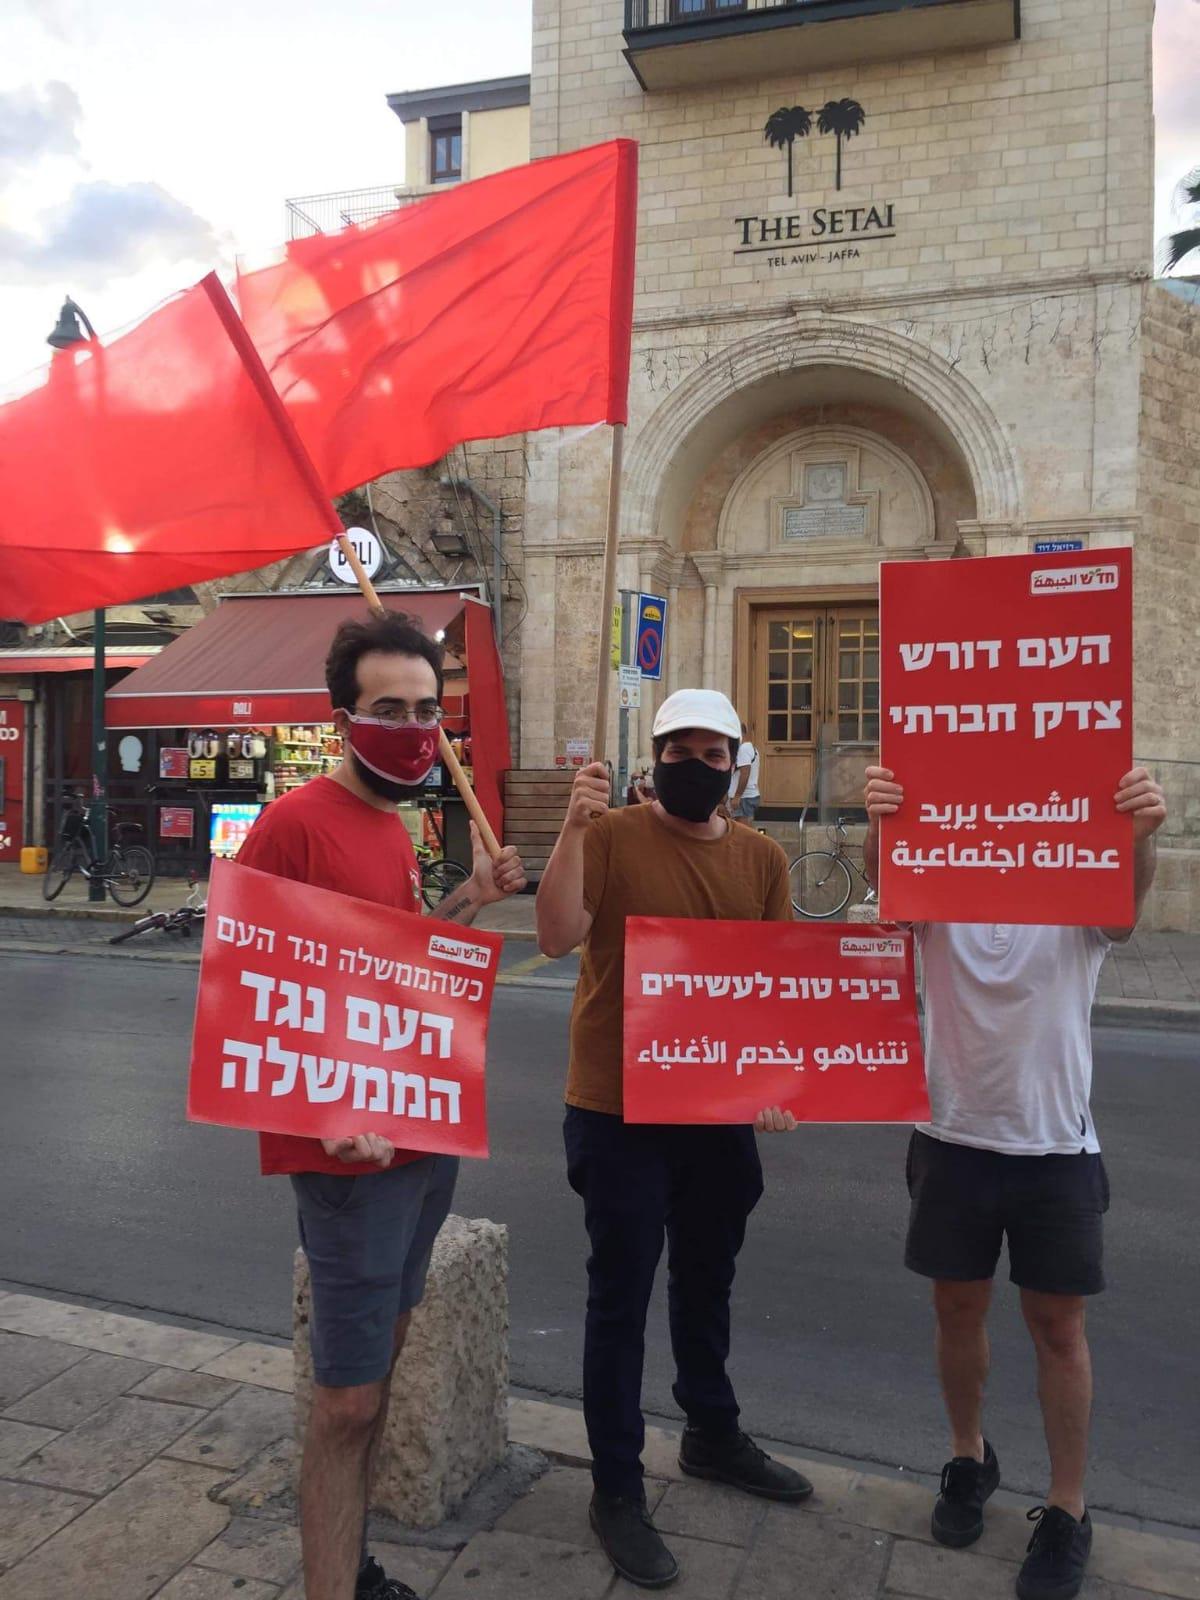 ישראל מרחפת על פי תהום